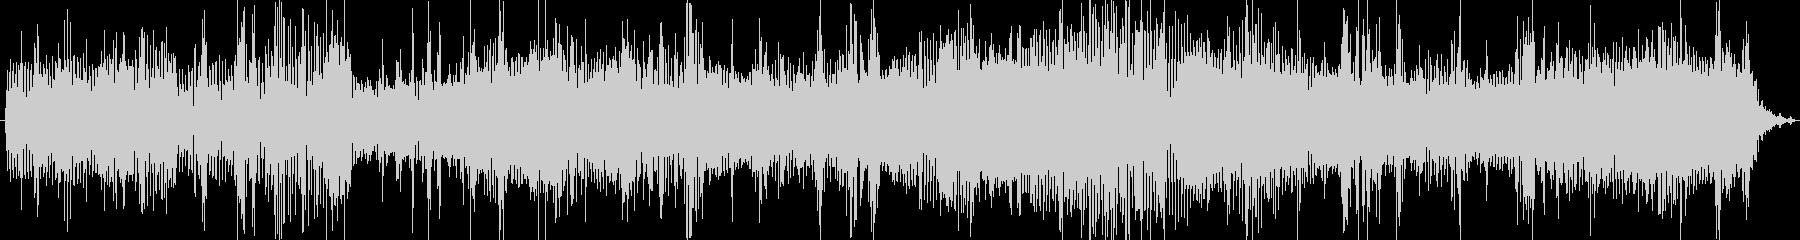 ドローン ストレッチ01の未再生の波形